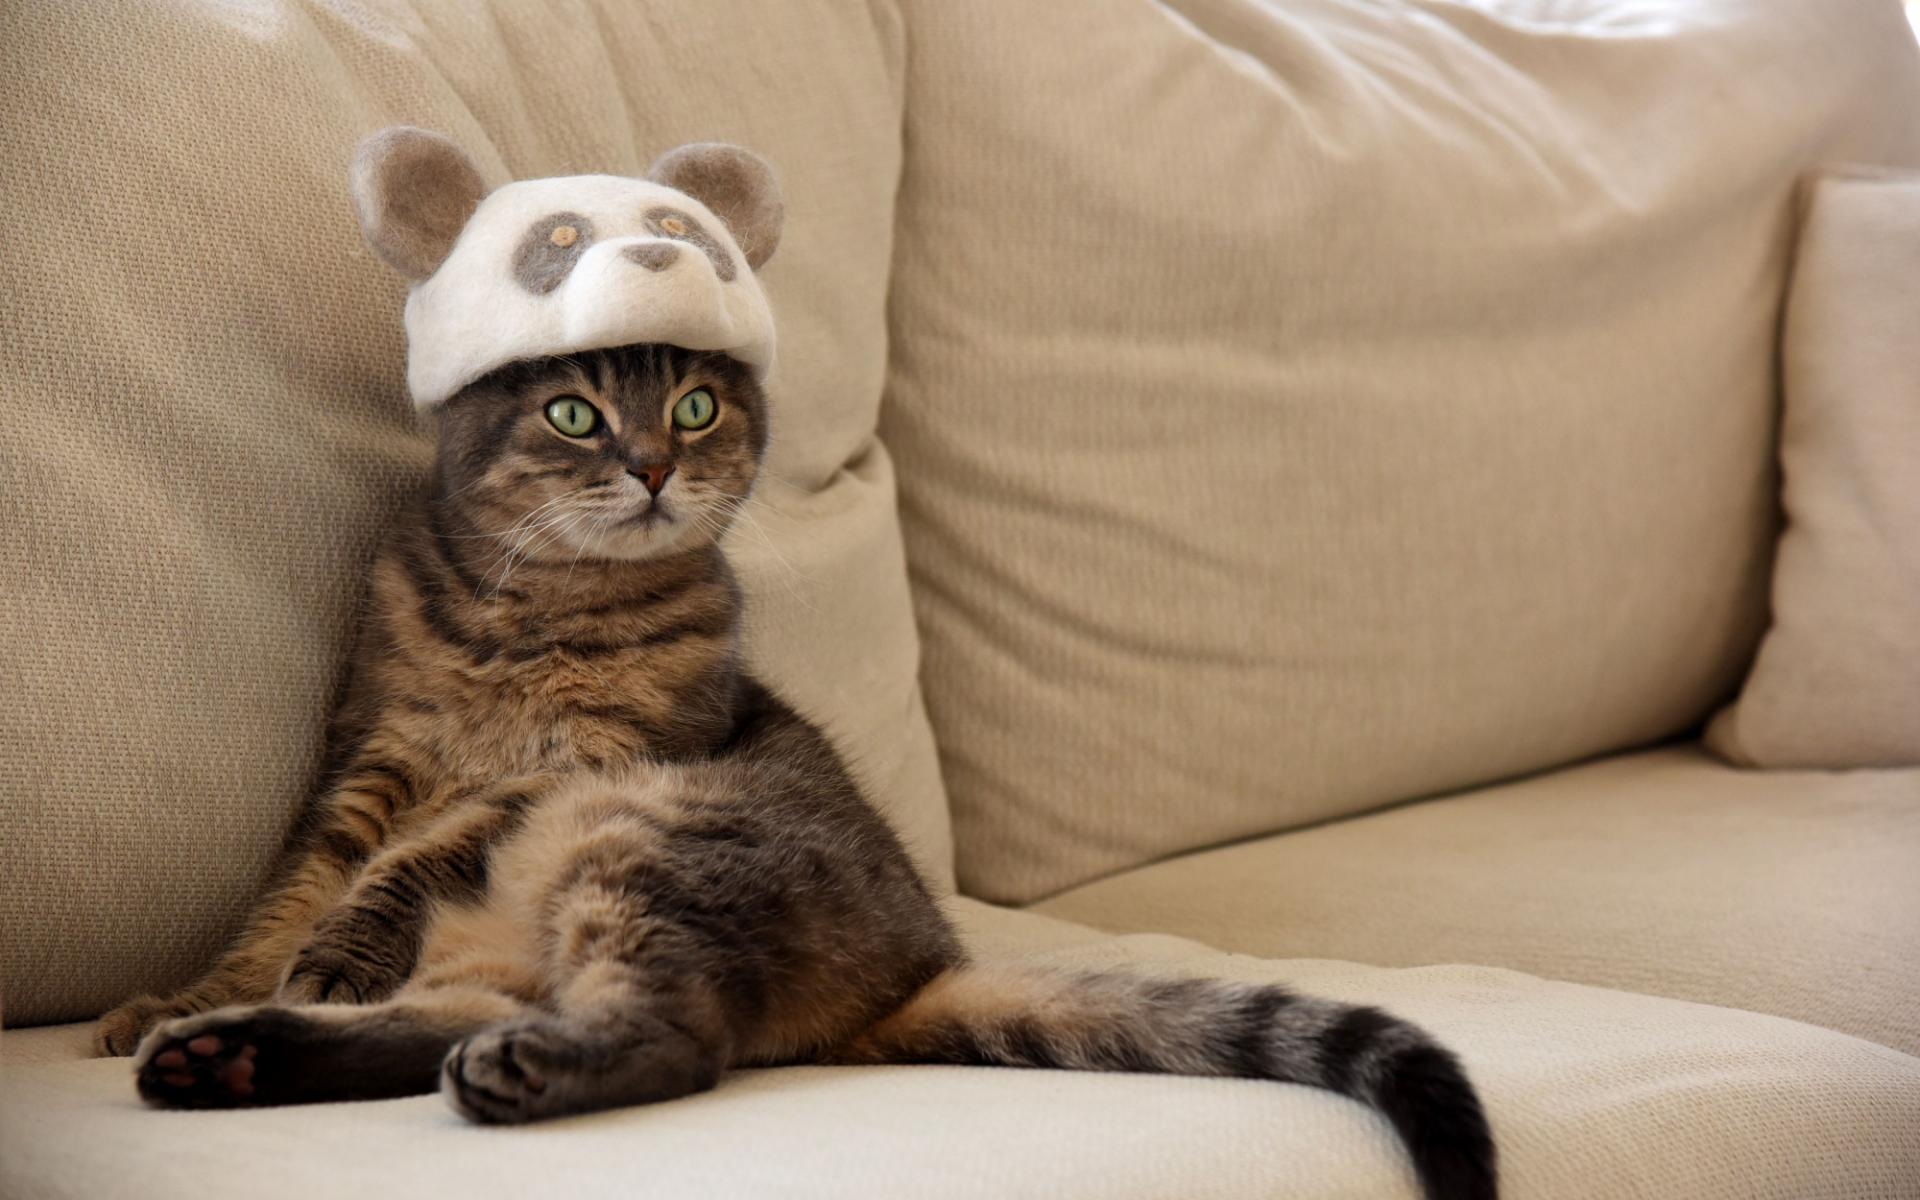 Estes 3 gatos têm um armário cheio de chapéus sob medida feitos a partir dos seus próprios pêlos